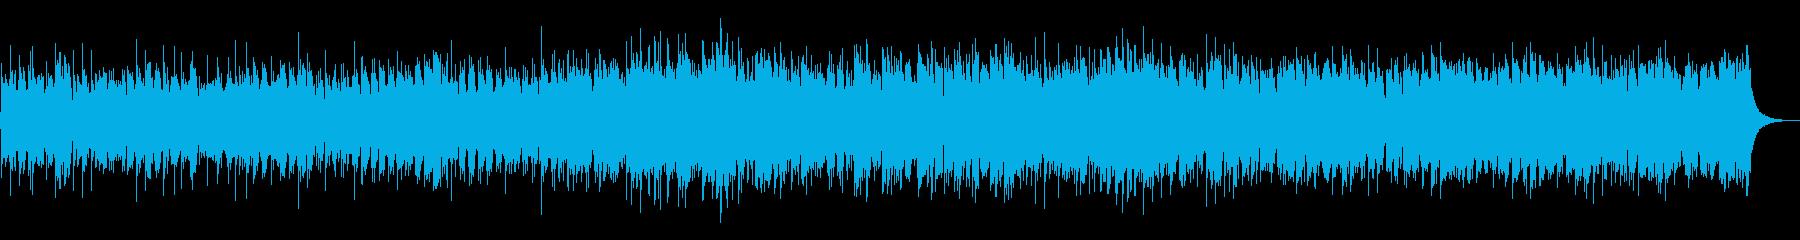 流れるようなスムースジャズバラードの再生済みの波形